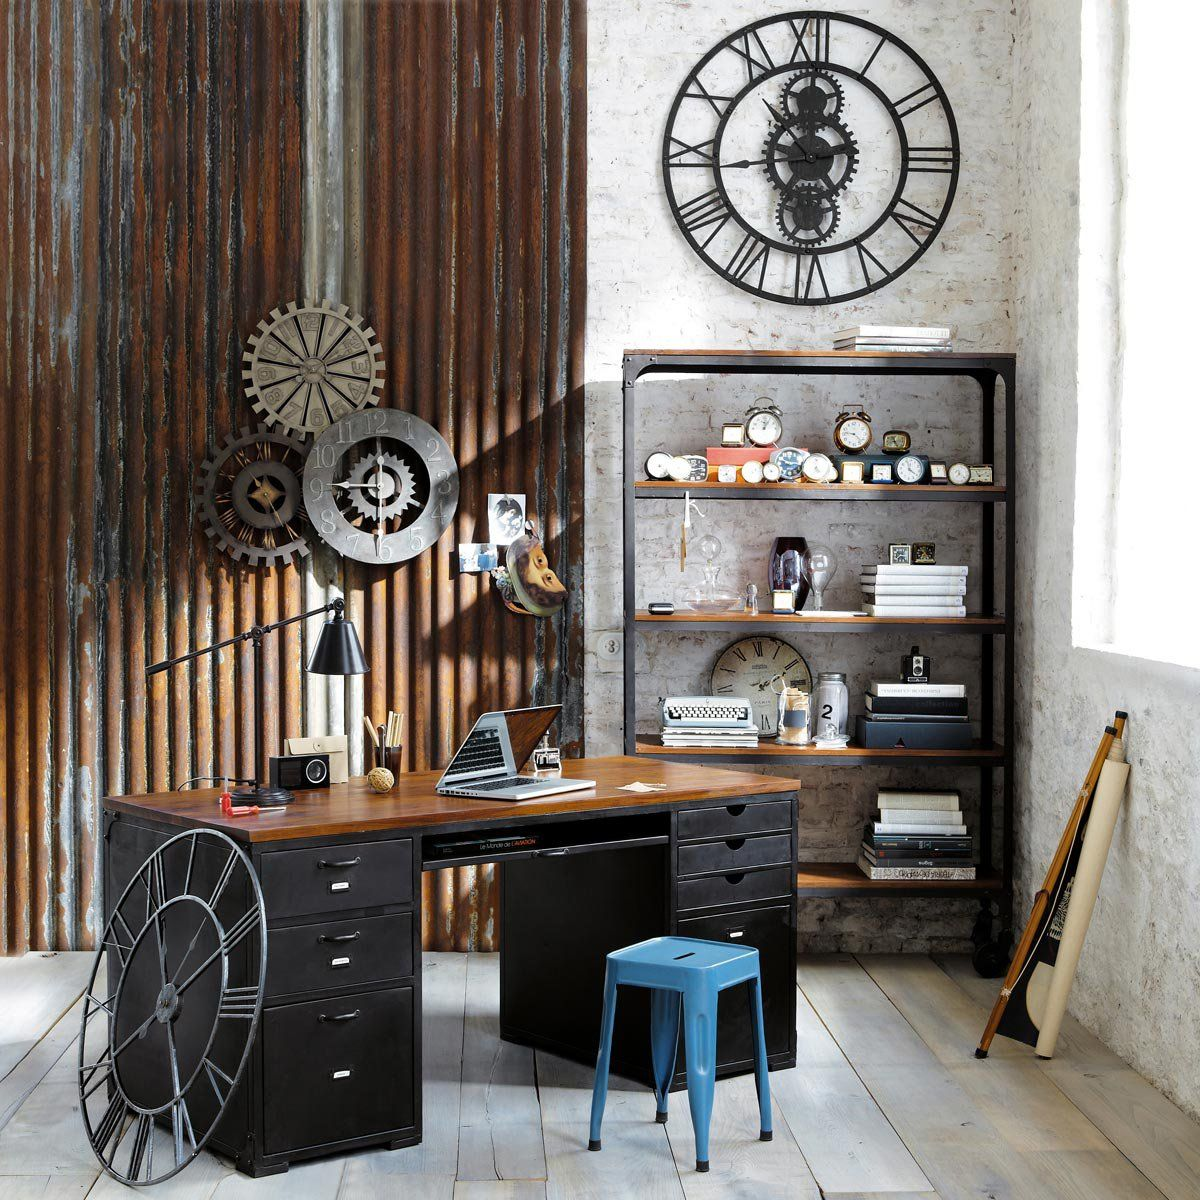 Horloge Indus Maisons du Monde Chambre style